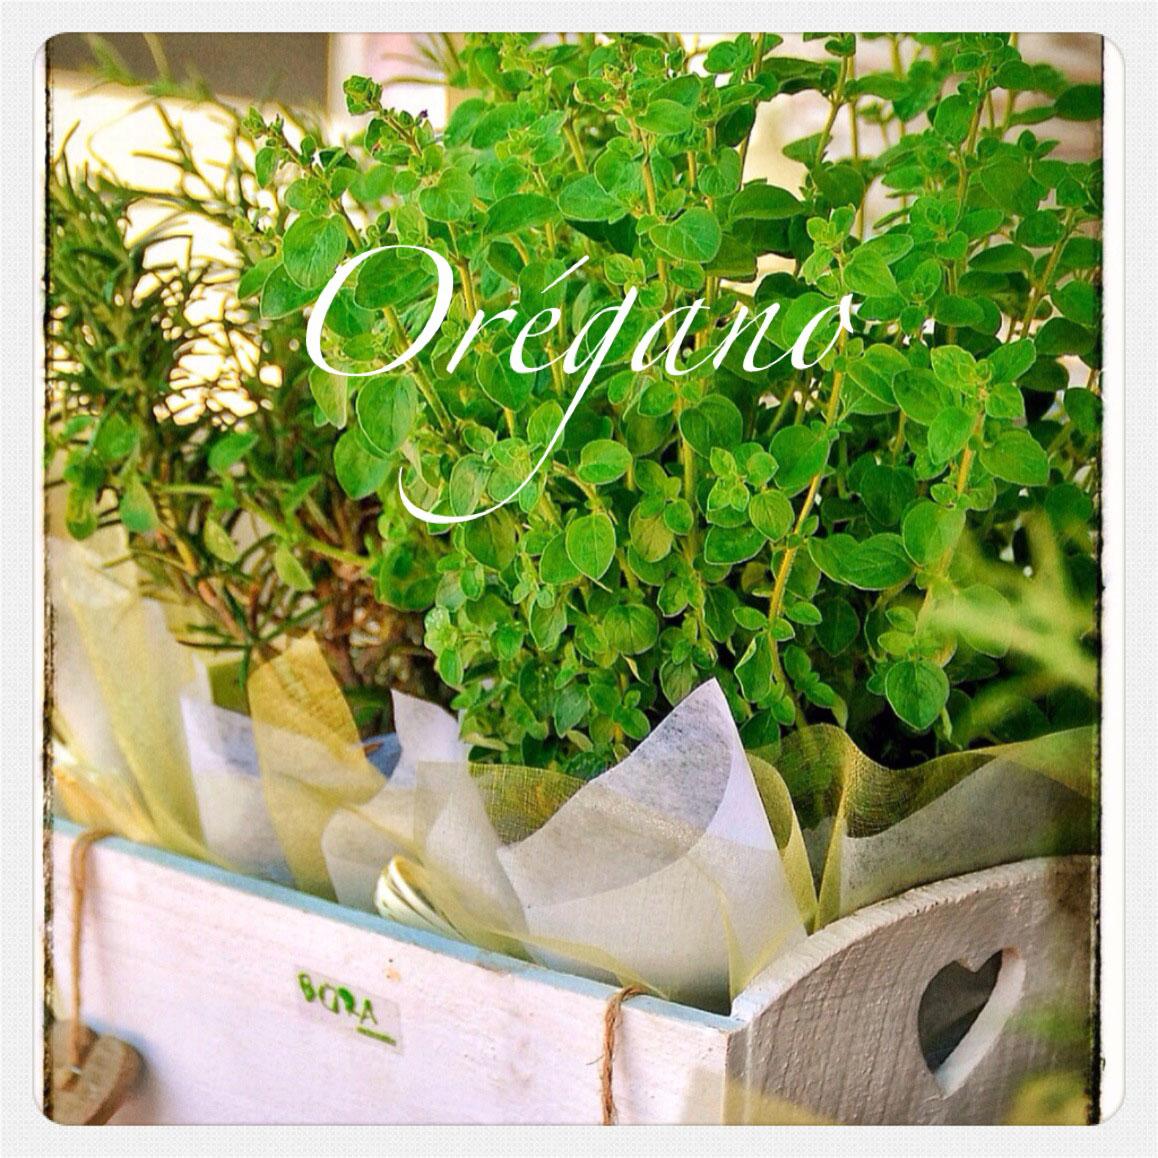 Bora dise o floral plantas arom ticas - Jardineria para principiantes ...